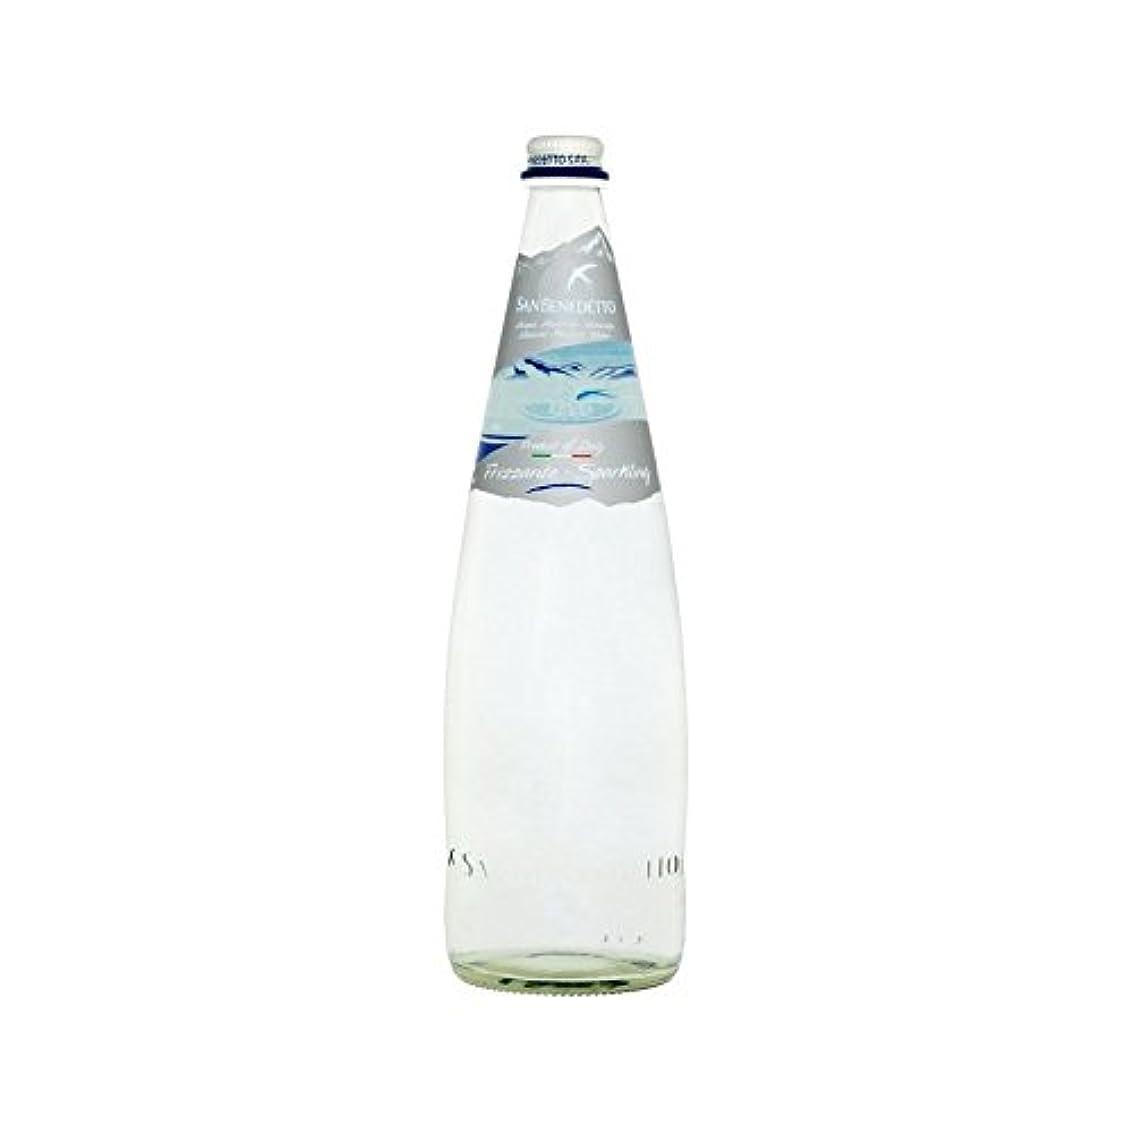 指紋キノコ特性[San Benedetto ] サンベネデット威信のミネラルウォーター(輝く)1リットル - San Benedetto Prestige Mineral Water (Sparkling) 1L [並行輸入品]